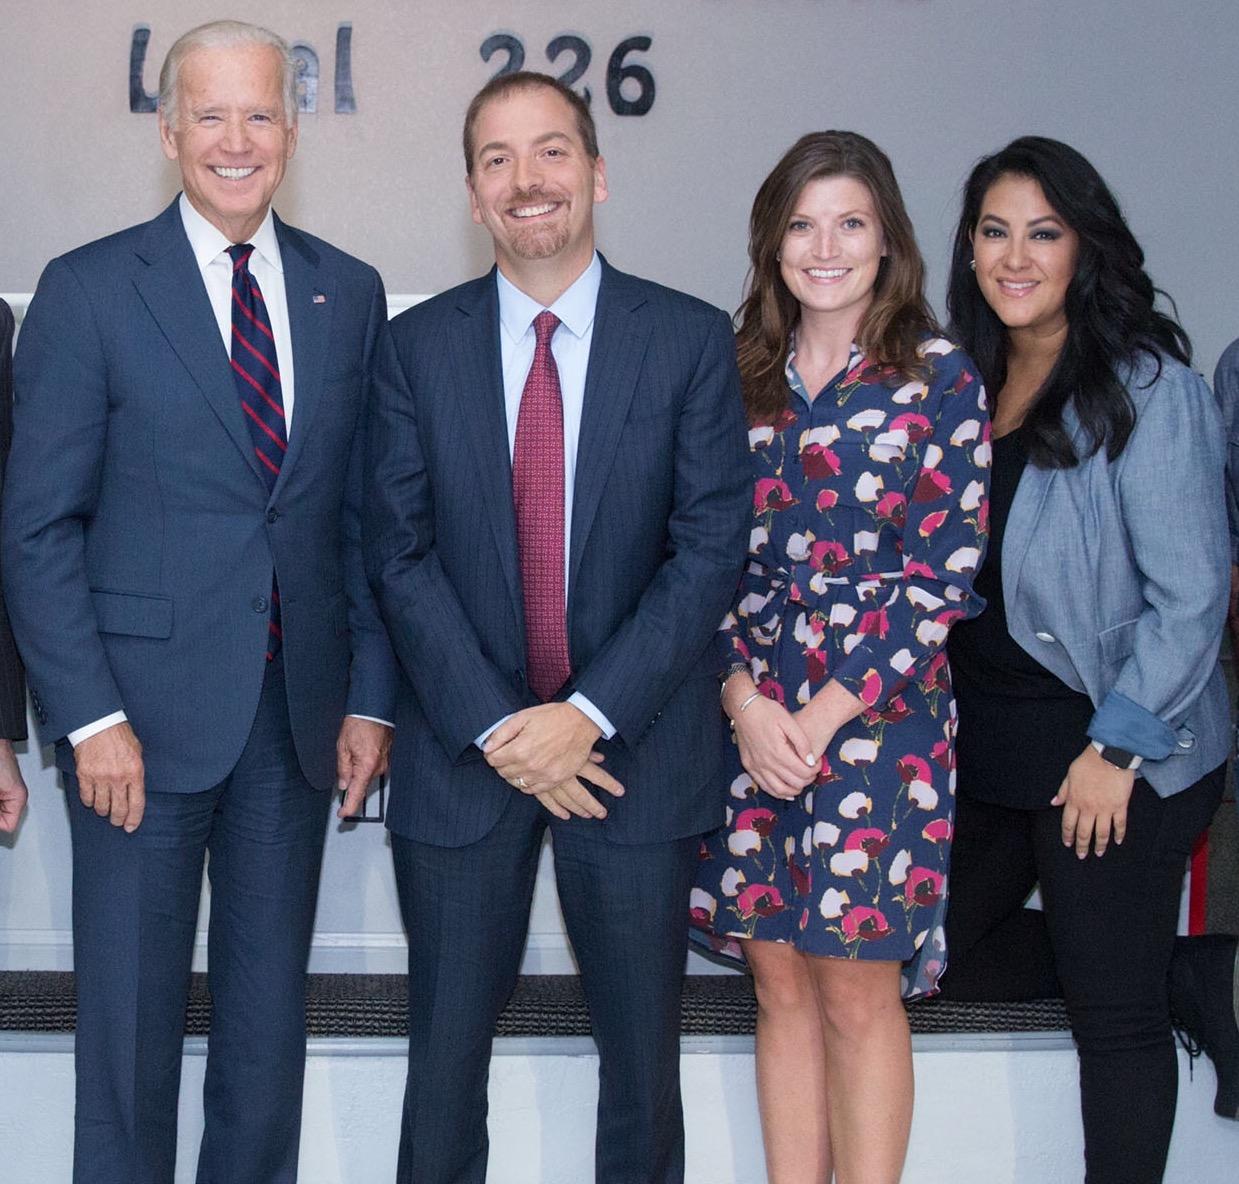 Vice President Biden & Chuck Todd